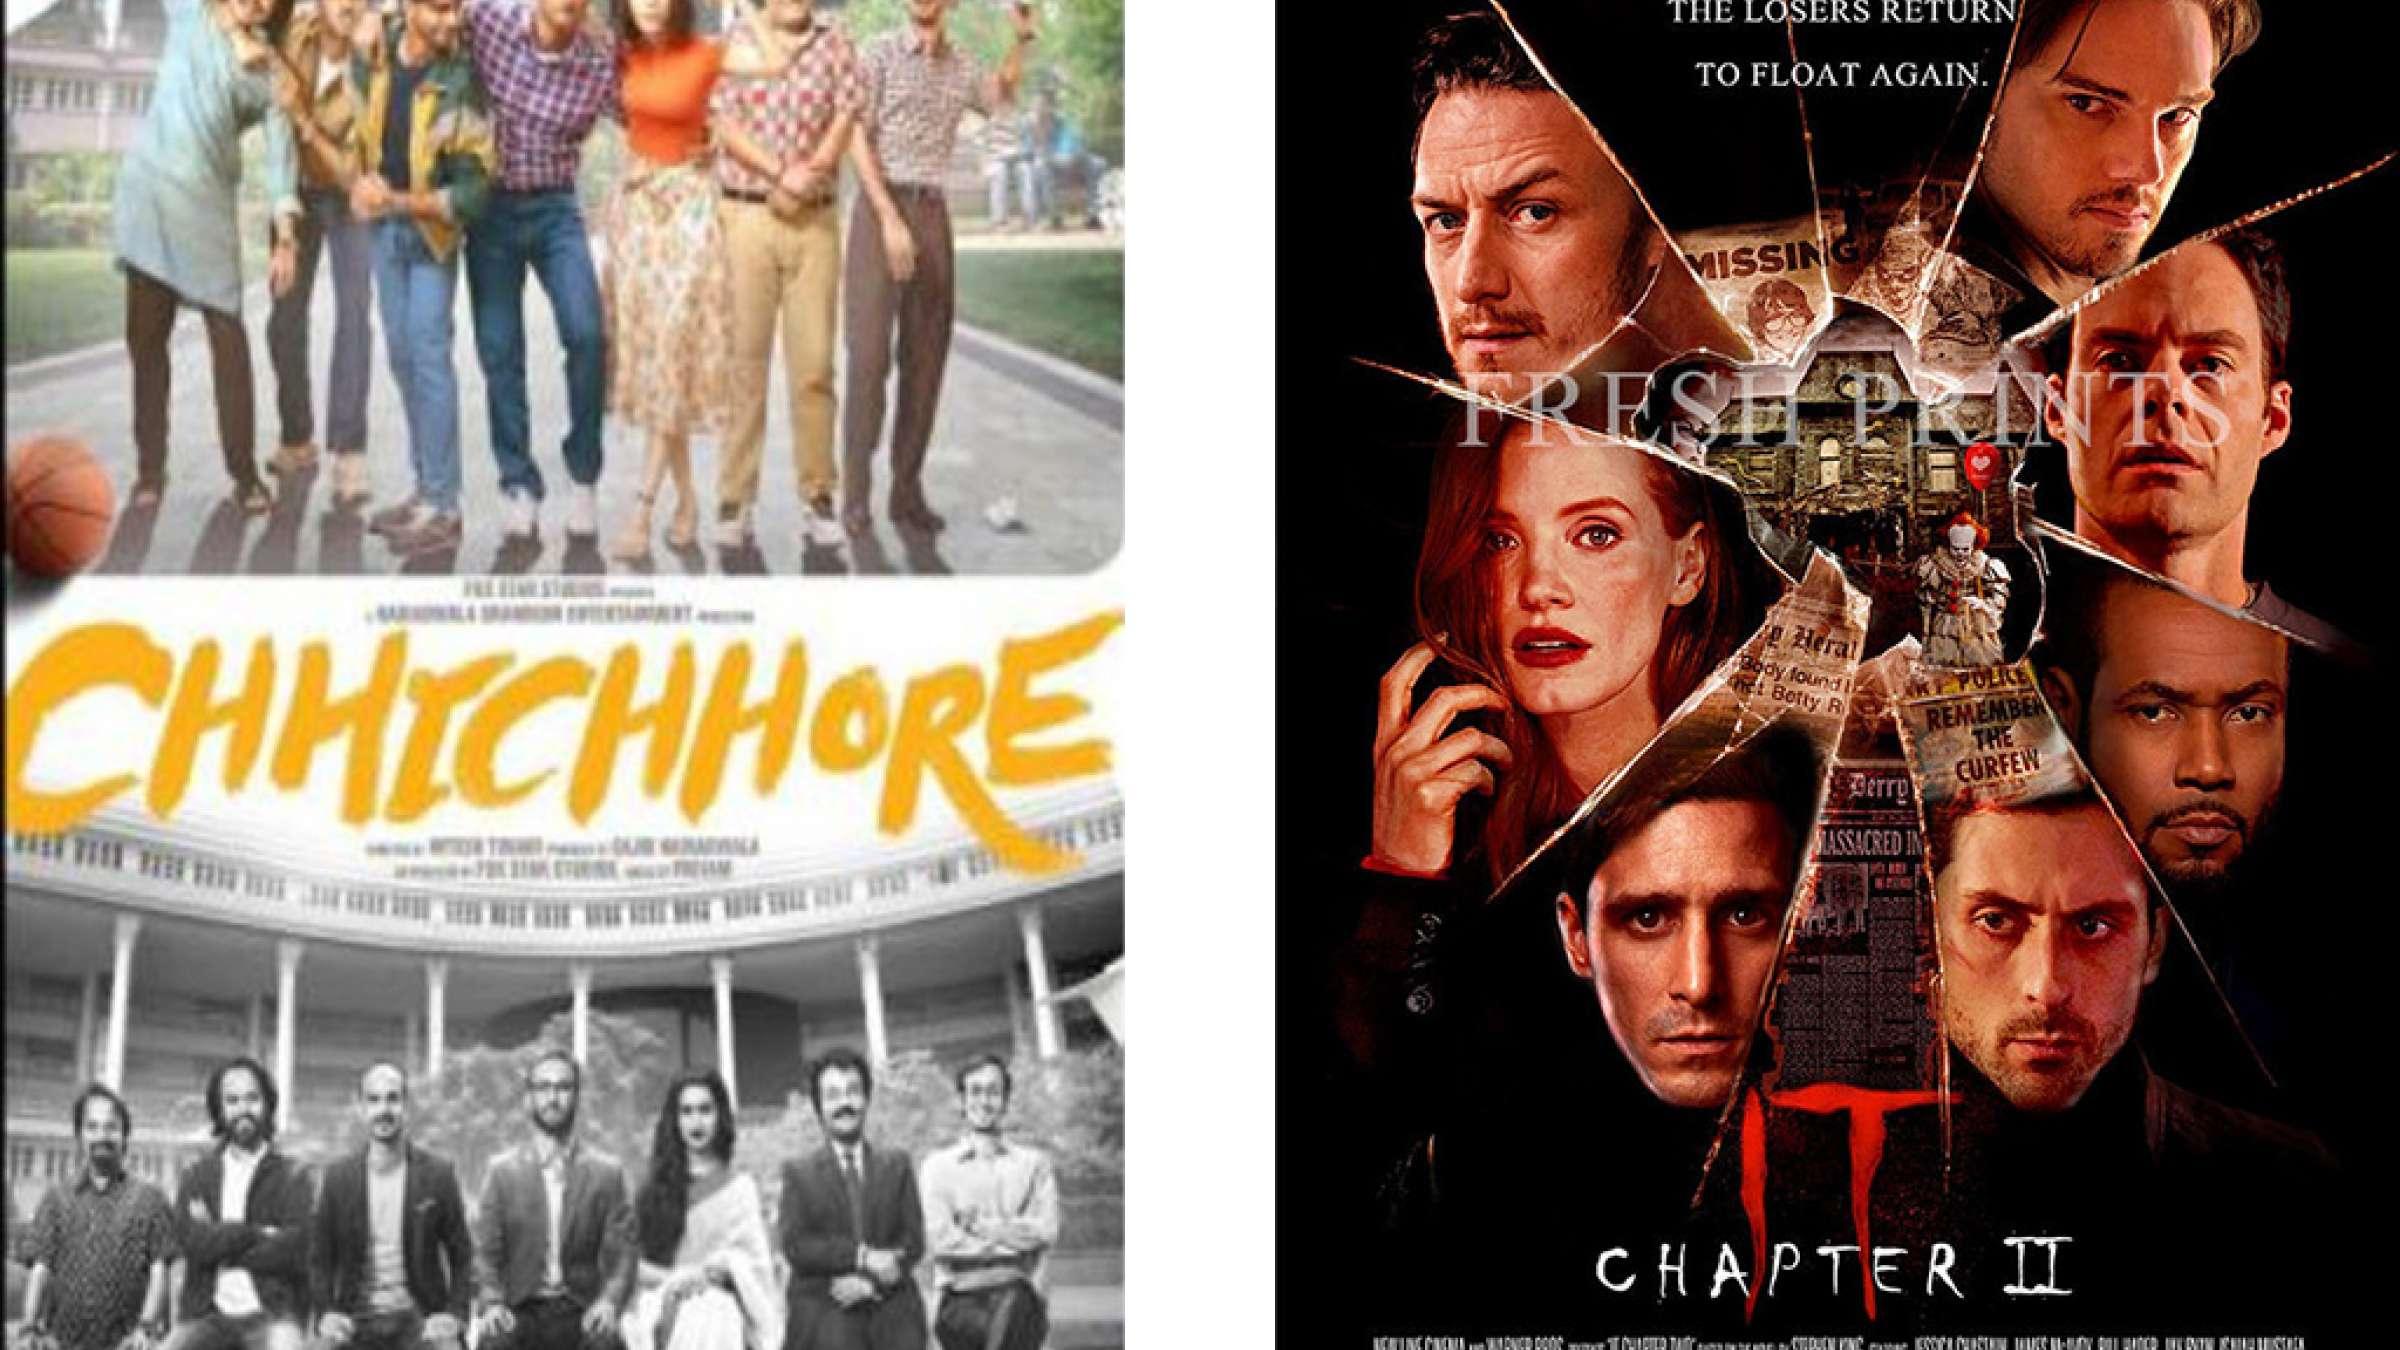 فیلم-ناظمزاده-فیلمهای-ماه-سپتامبر-امسال